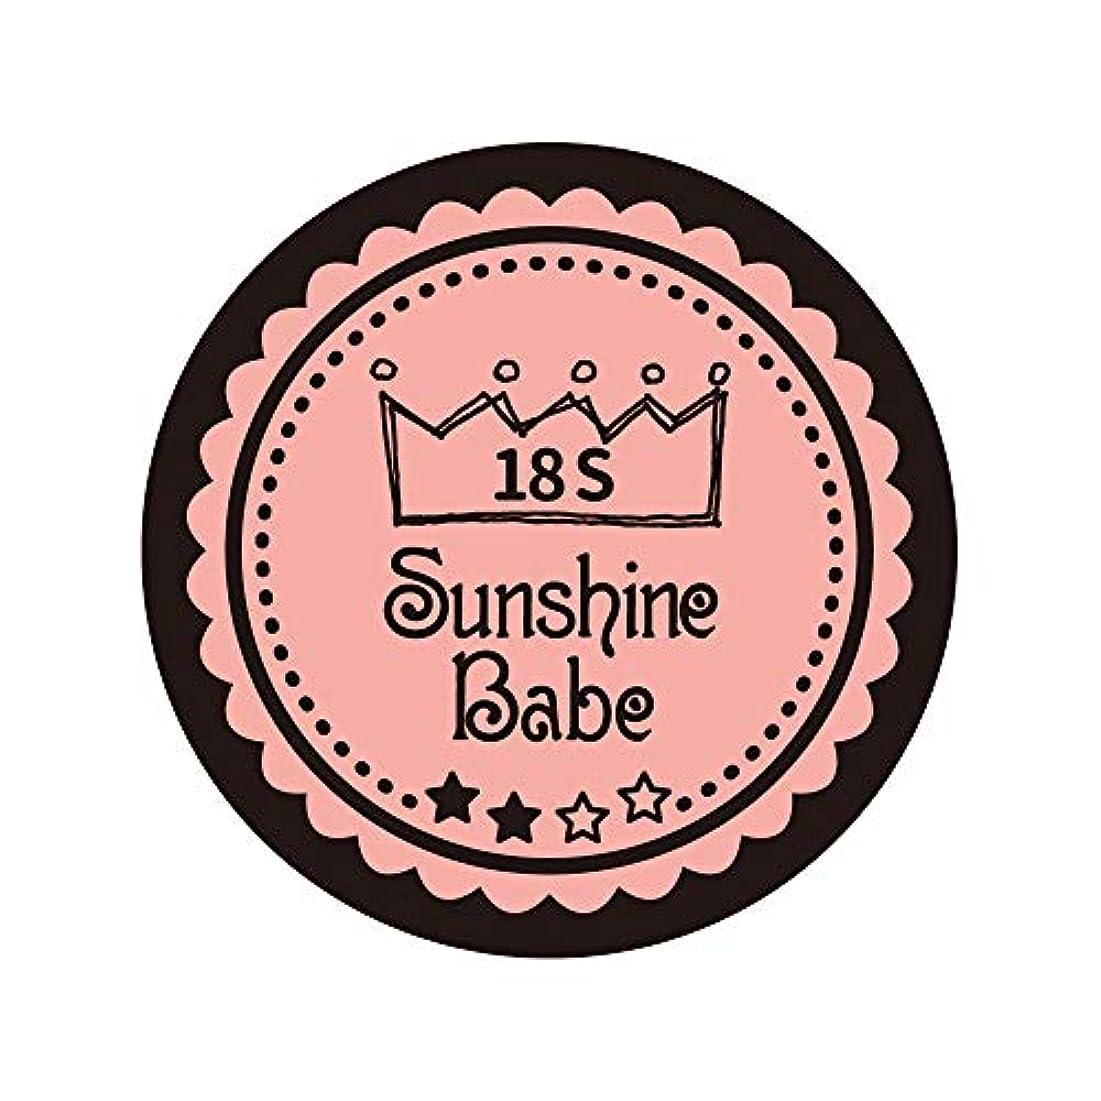 肥満知るブートSunshine Babe カラージェル 18S ロマンティックベリー 2.7g UV/LED対応